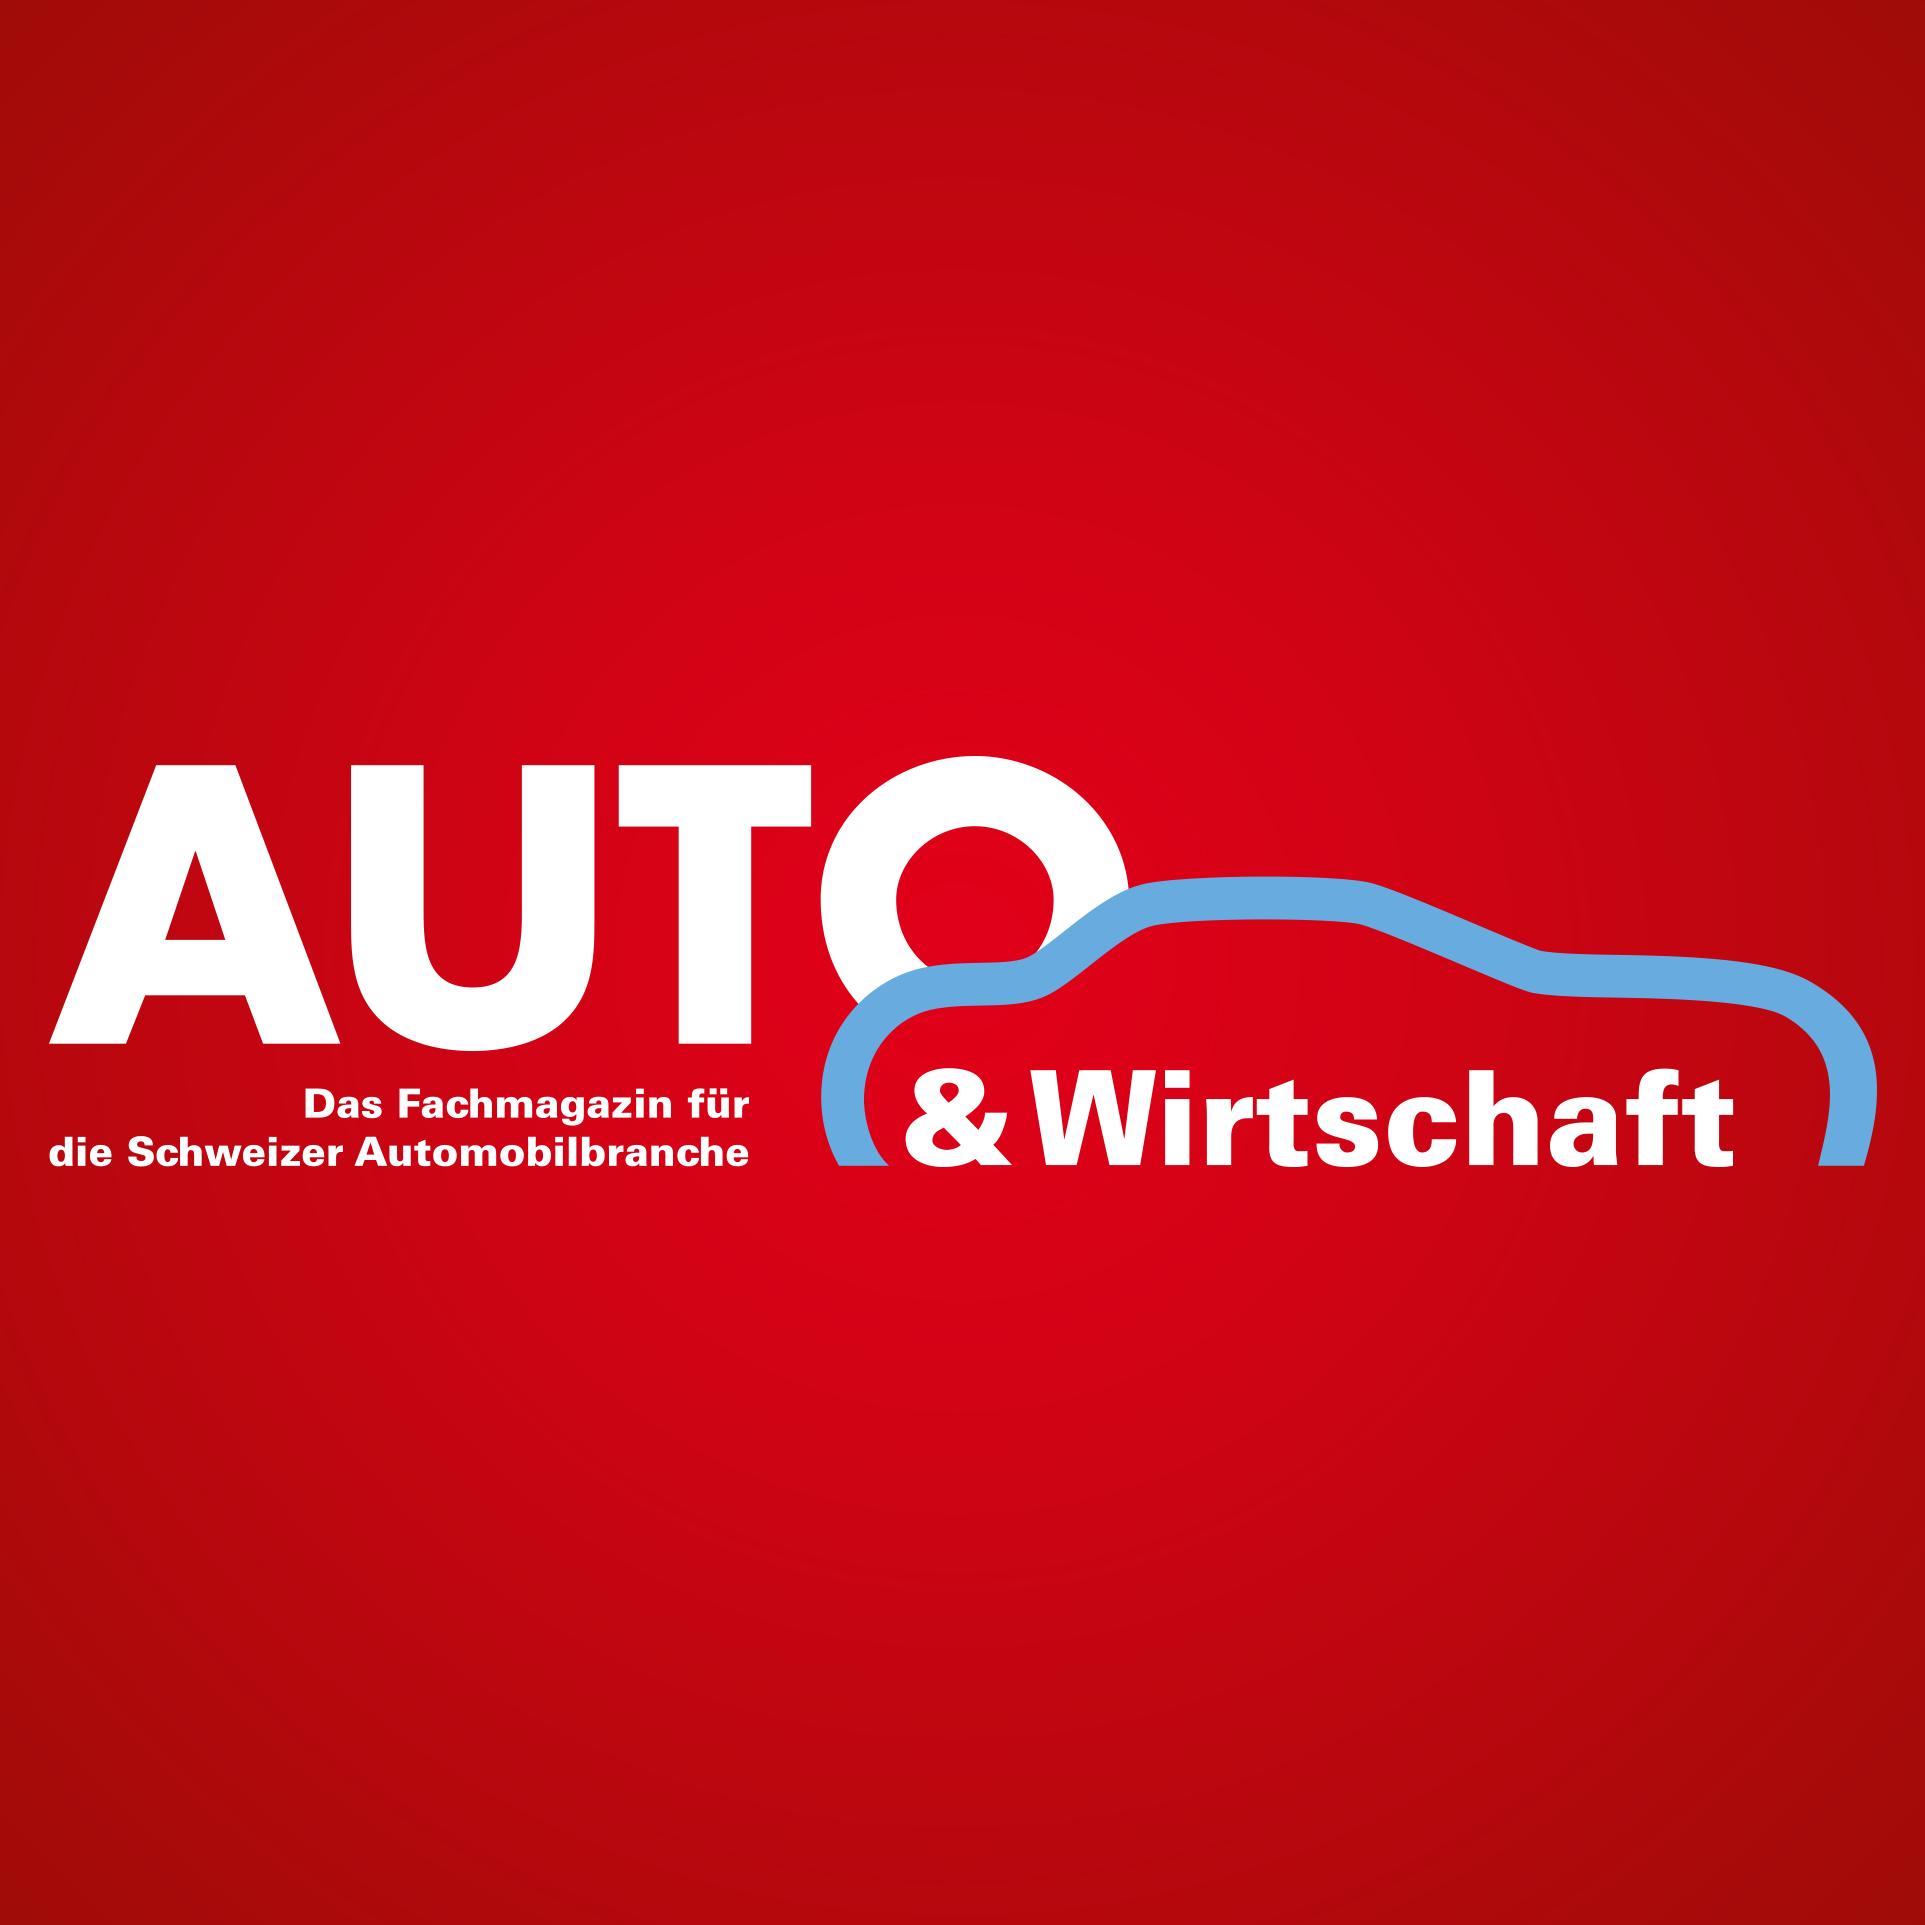 (c) Auto-wirtschaft.ch